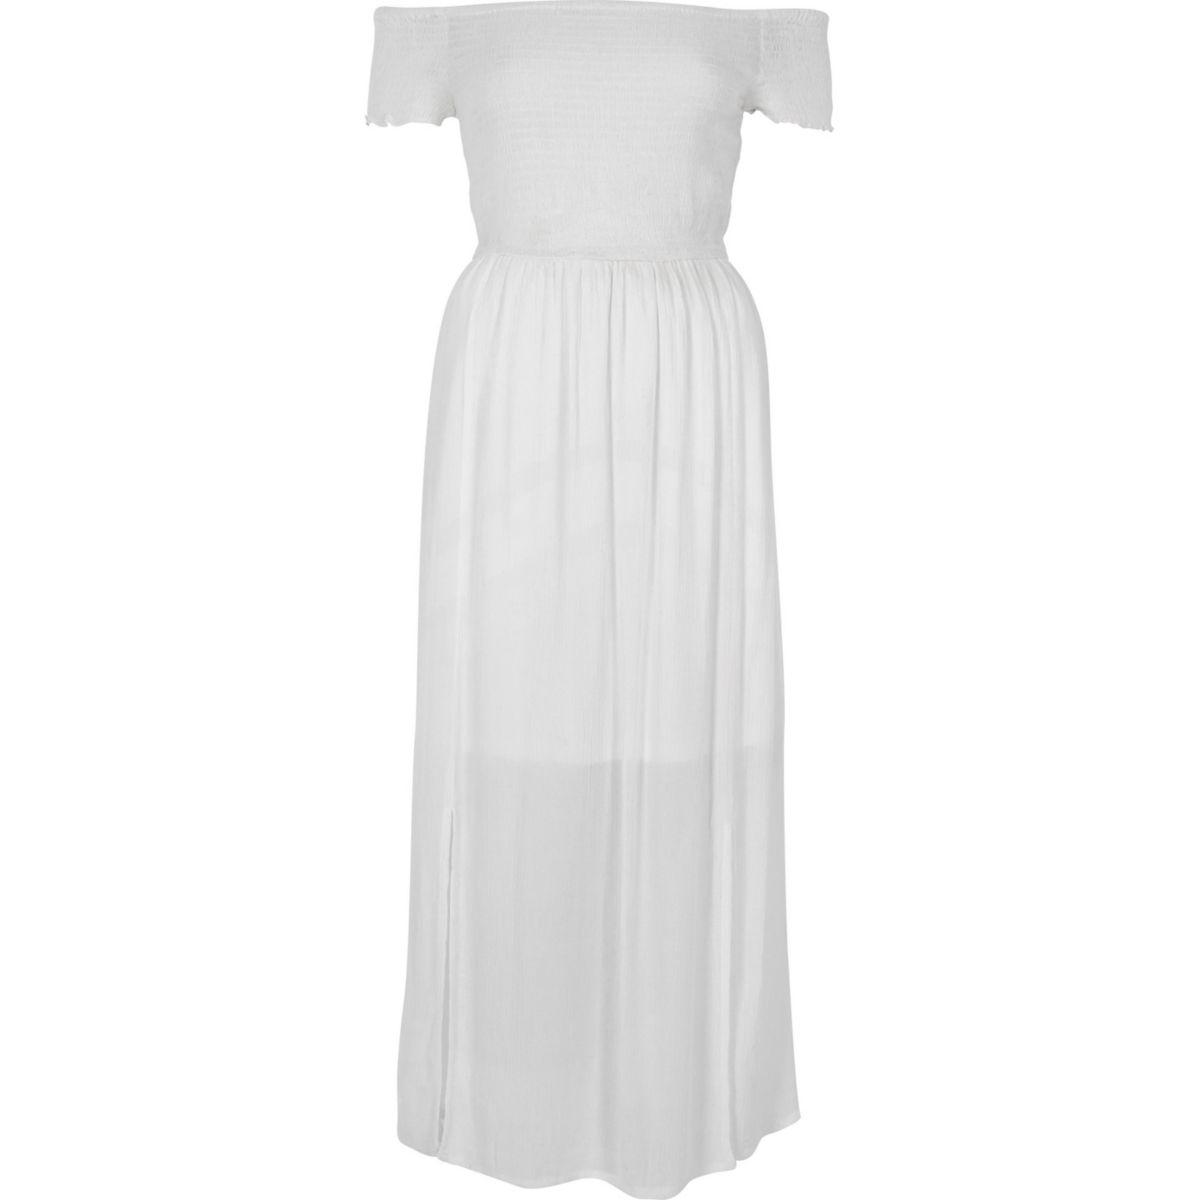 Robe longue Bardot blanche froncée